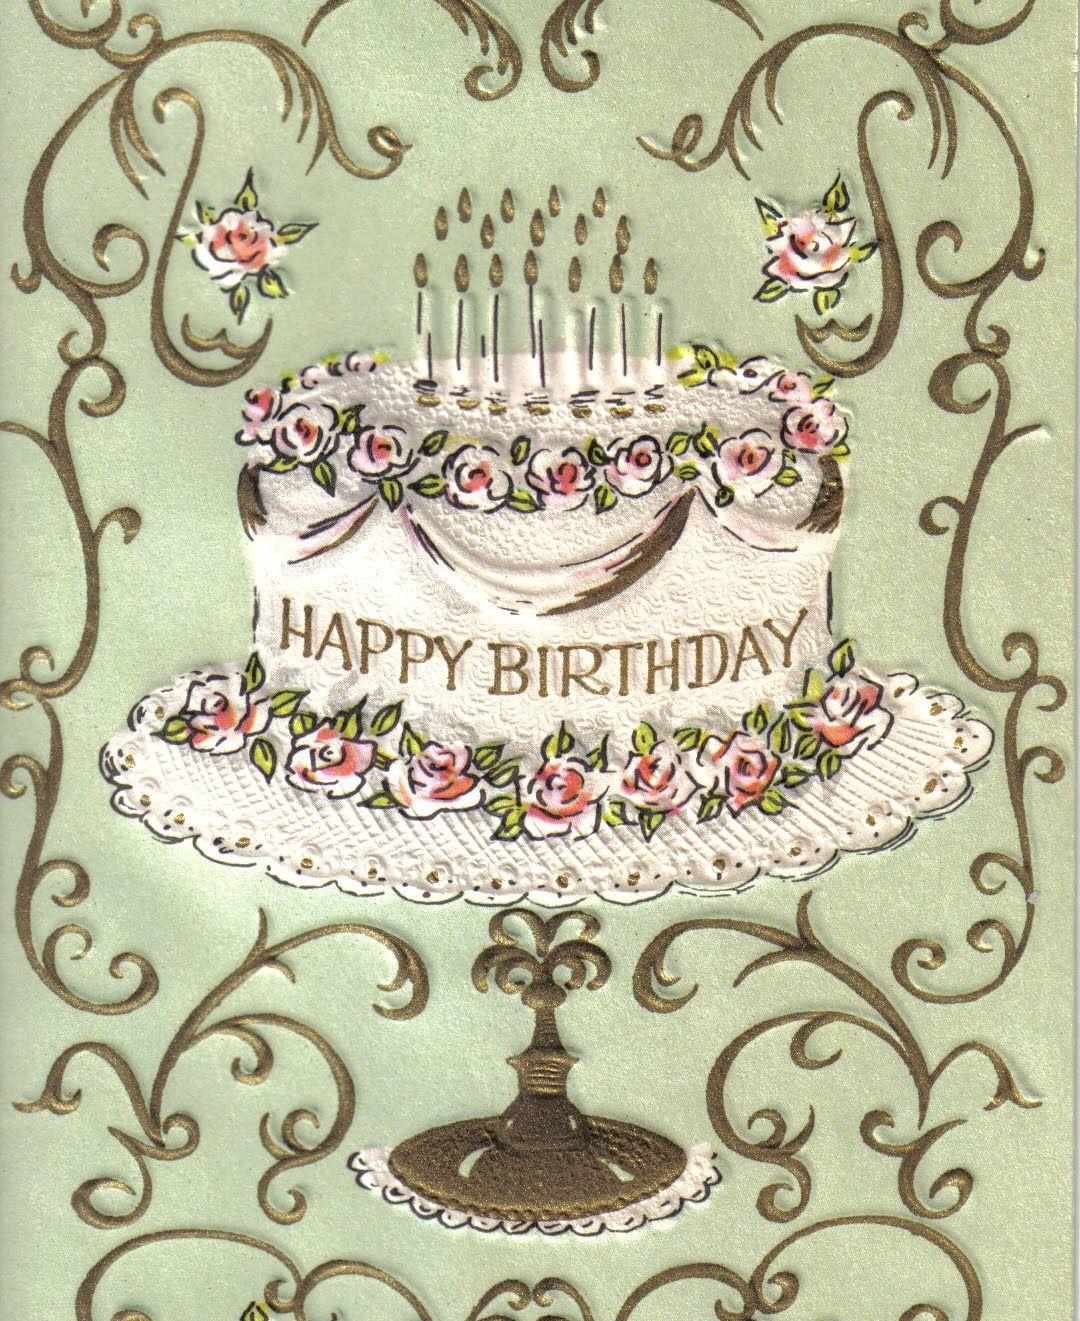 Bildergebnis für Happy Birthday cake gifs blue